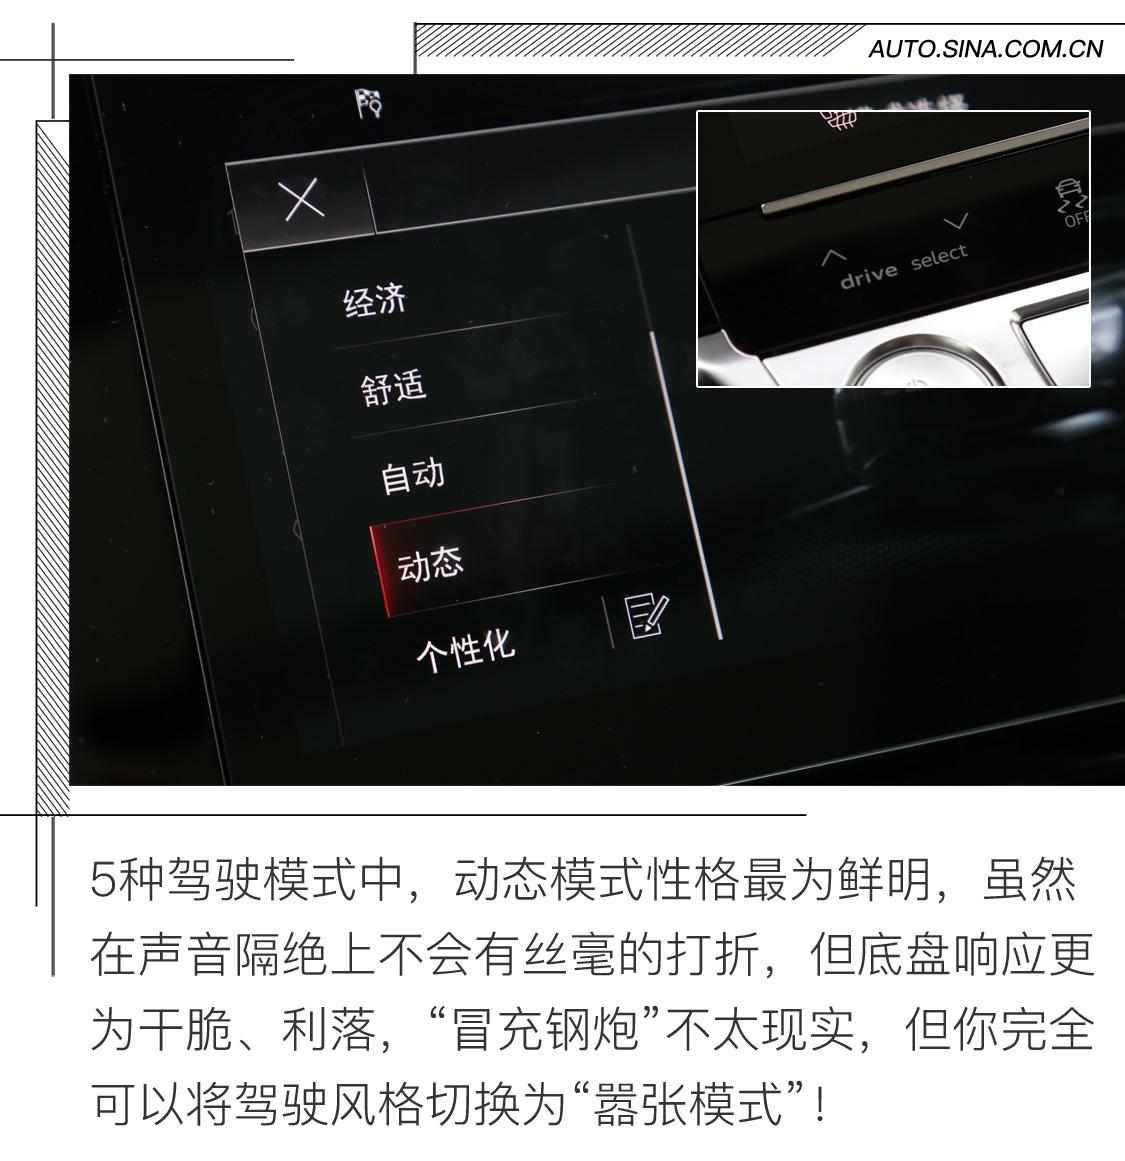 豪华品牌的保卫战 试驾奥迪e-tron